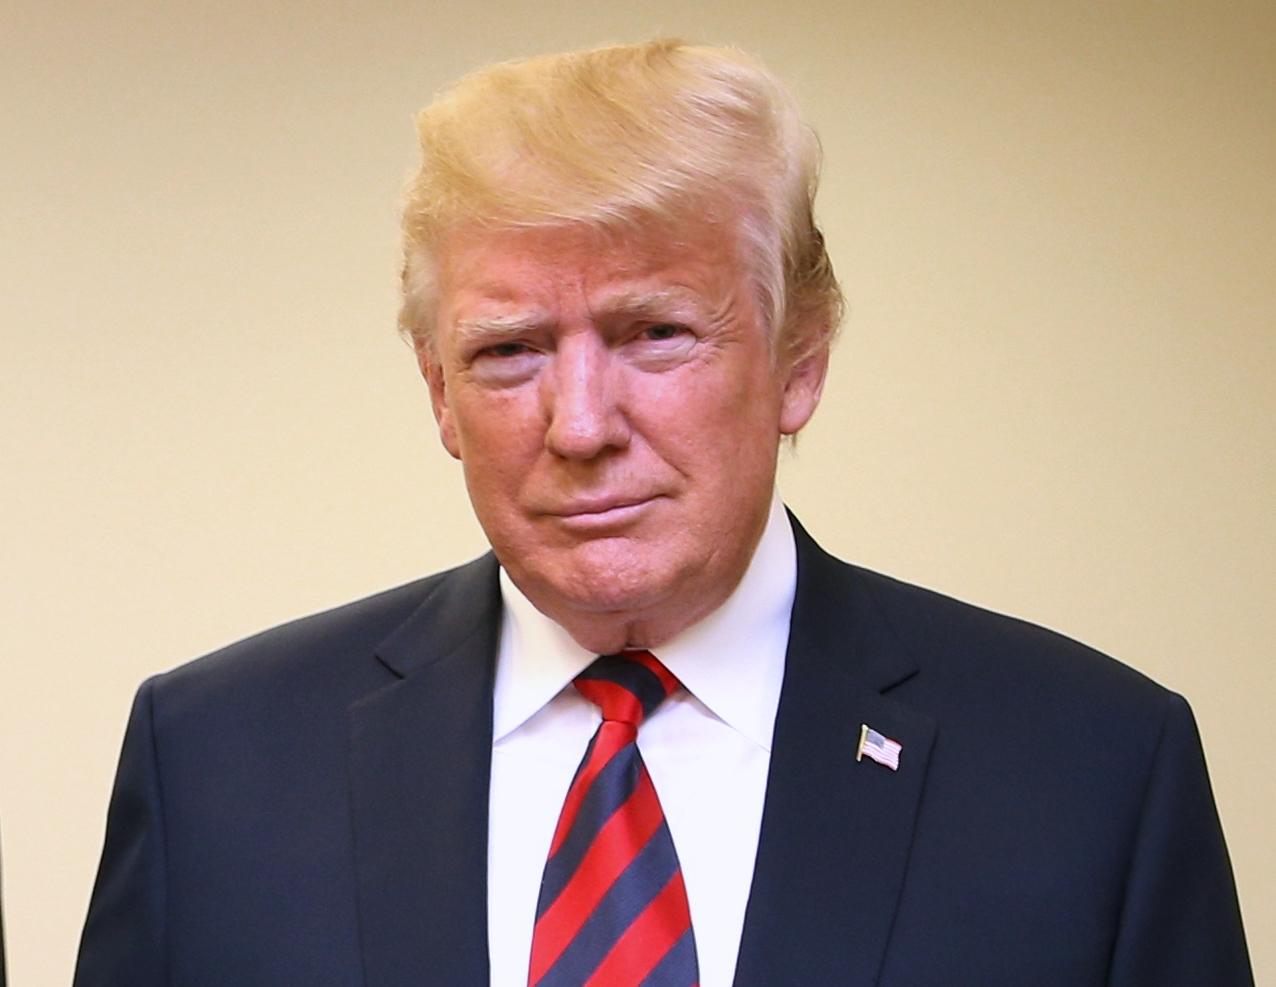 Trump állítólag azt mondta a G7-csúcson, hogy a Krím Oroszország része, mert mindenki, aki ott él, beszél oroszul